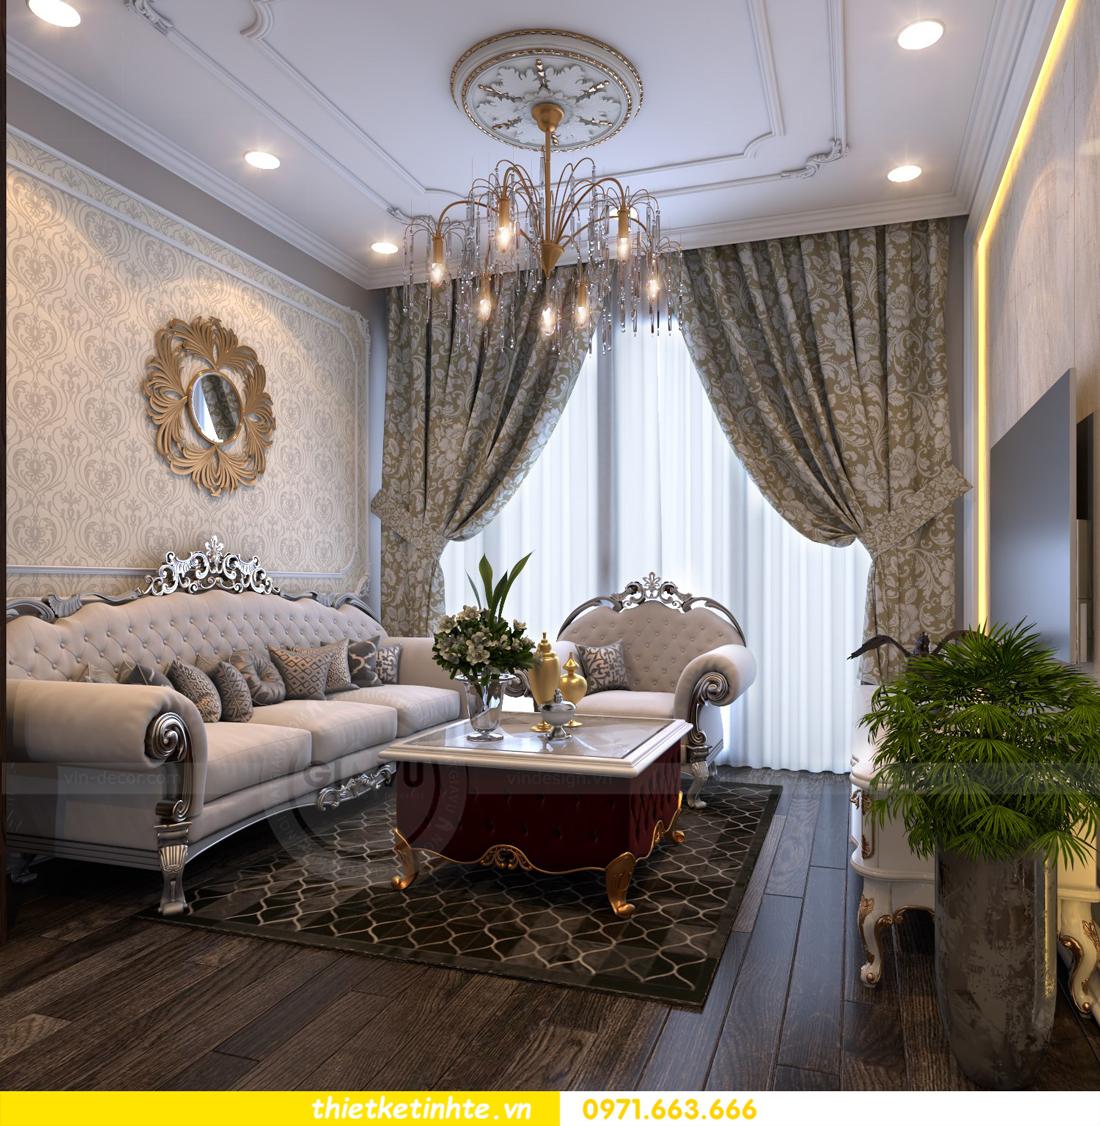 thiết kế nội thất chung cư Vinhomes Gardenia tòa A2 căn 06 chị Nụ 06